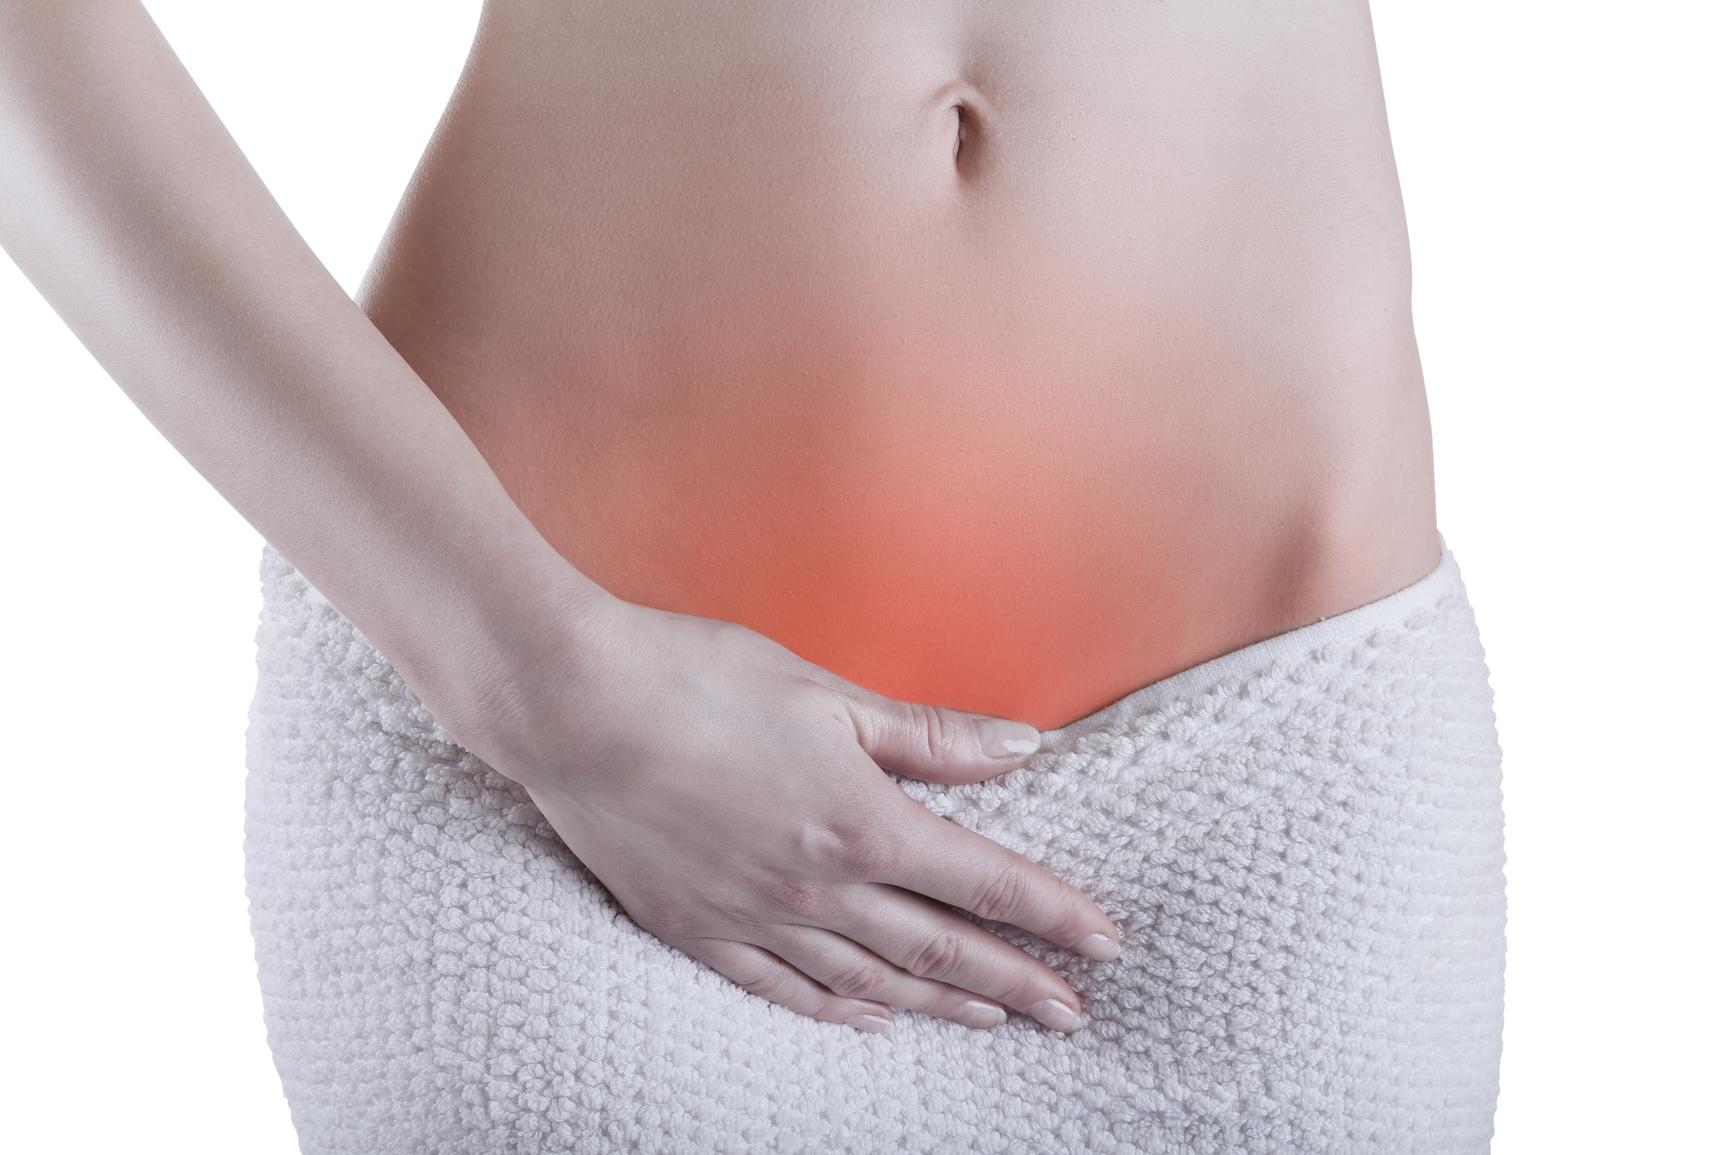 Фиброма матки: причины, симптомы и последствия